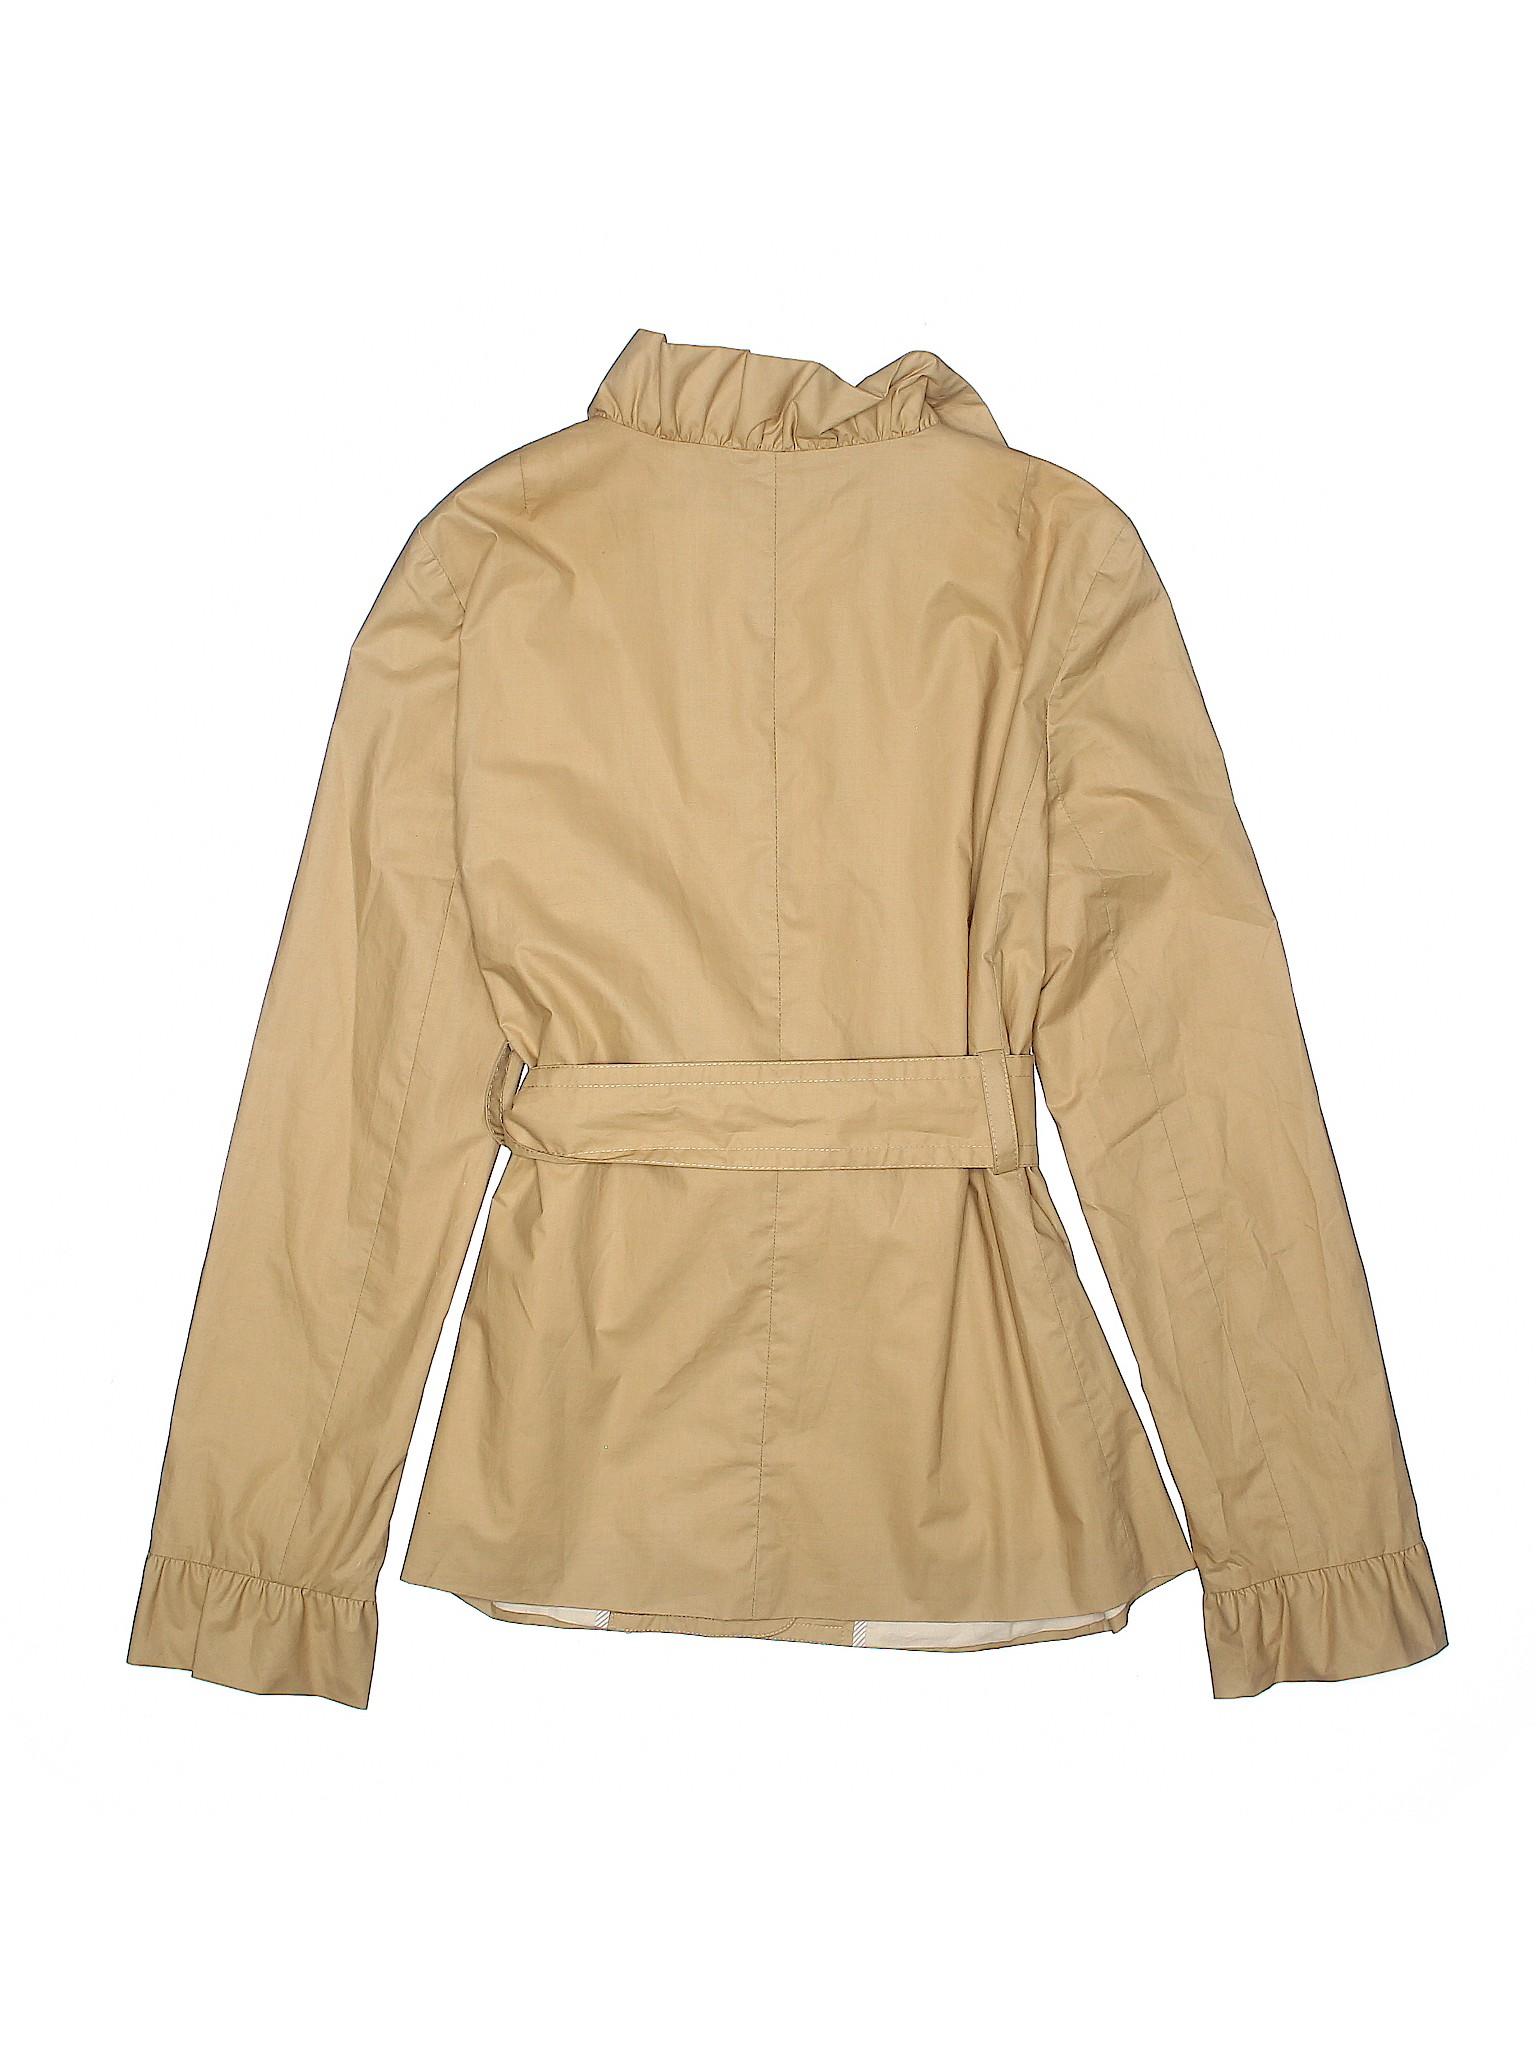 J Crew J Jacket Boutique Boutique Boutique J Crew Jacket B4pxwq4